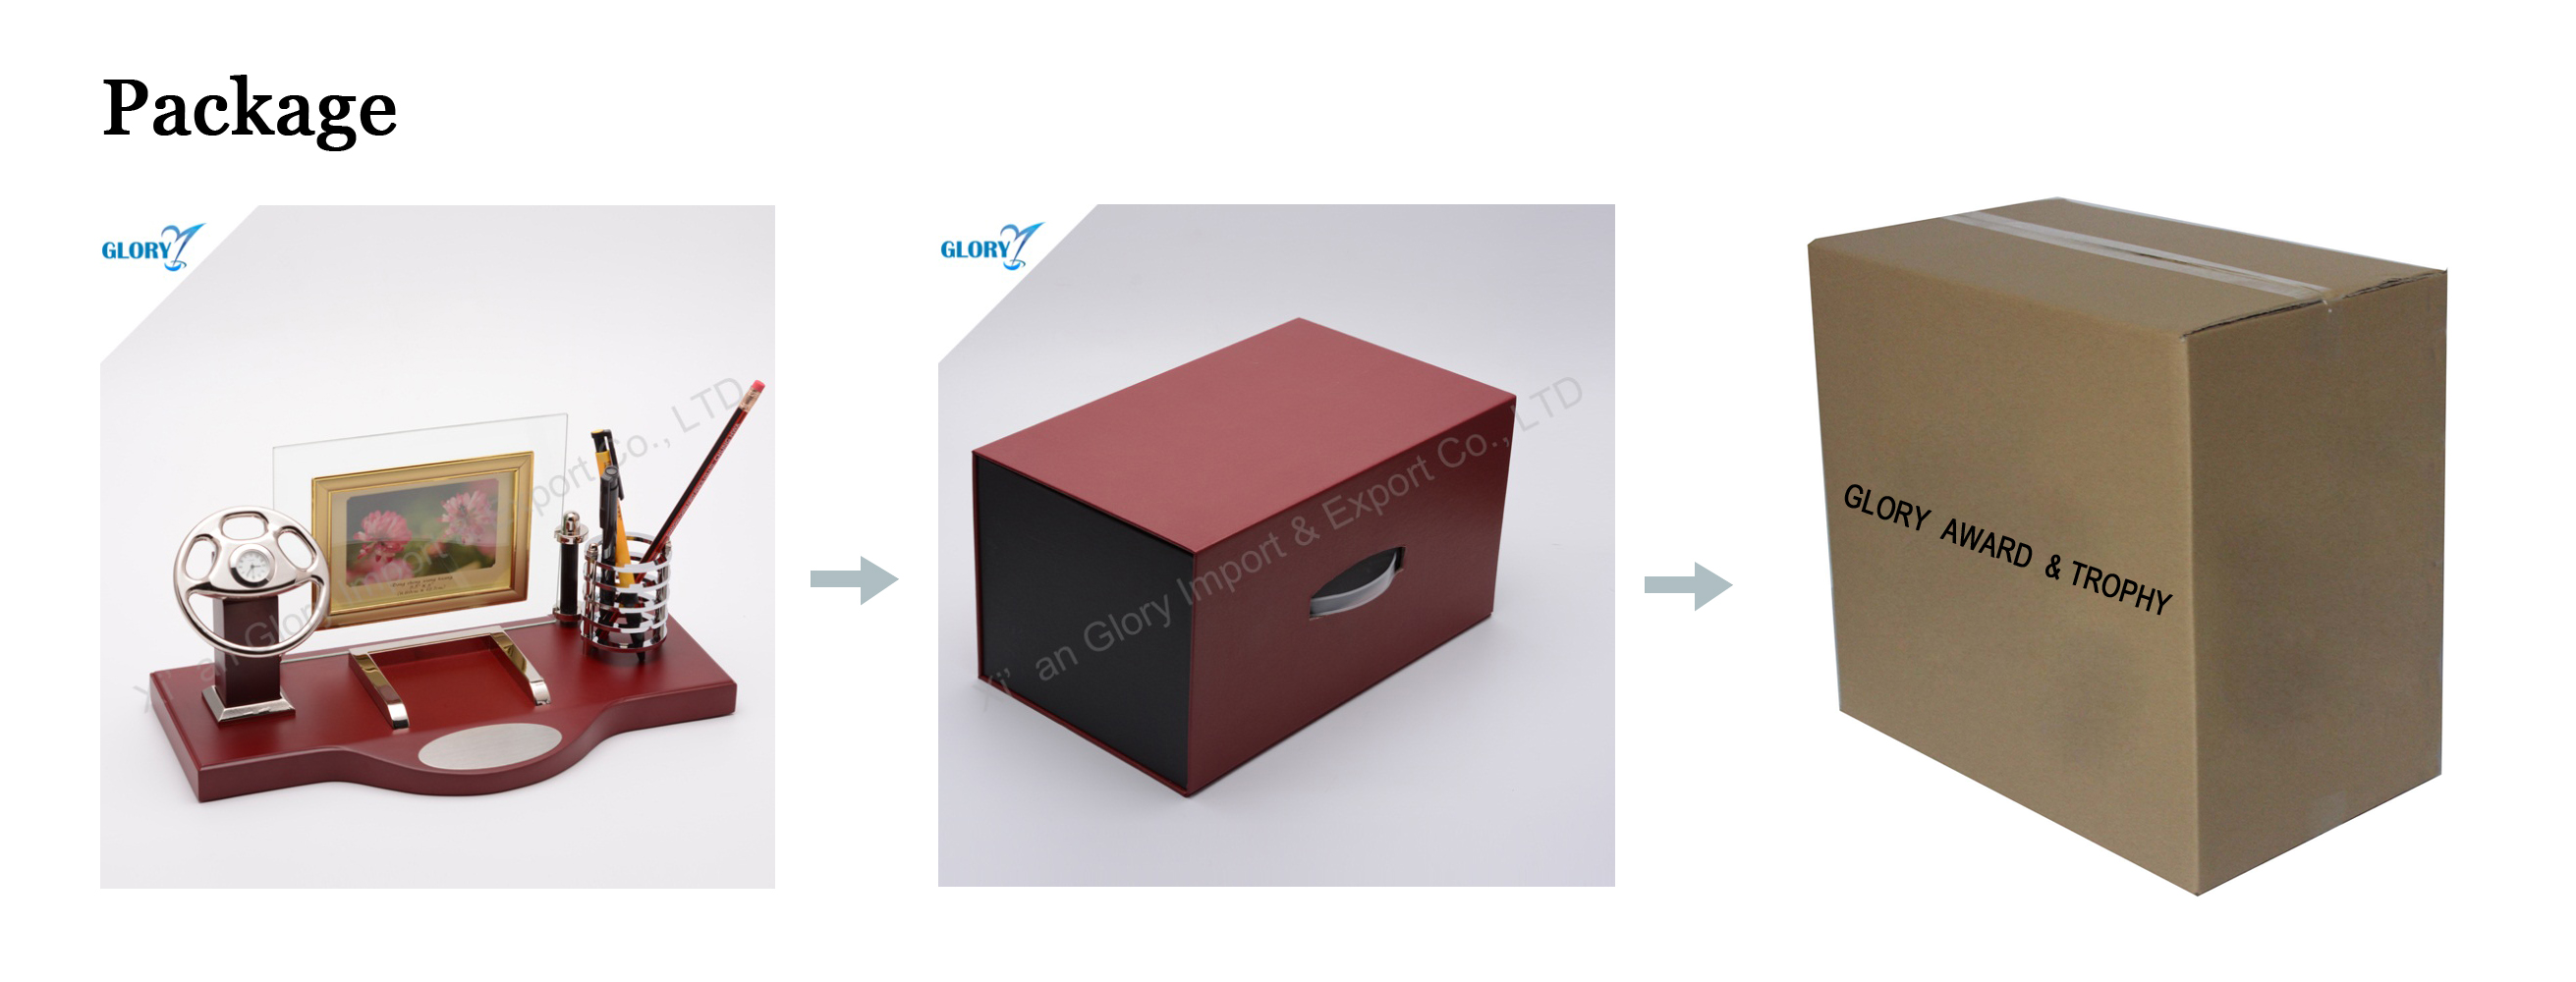 wooden desktop gift package